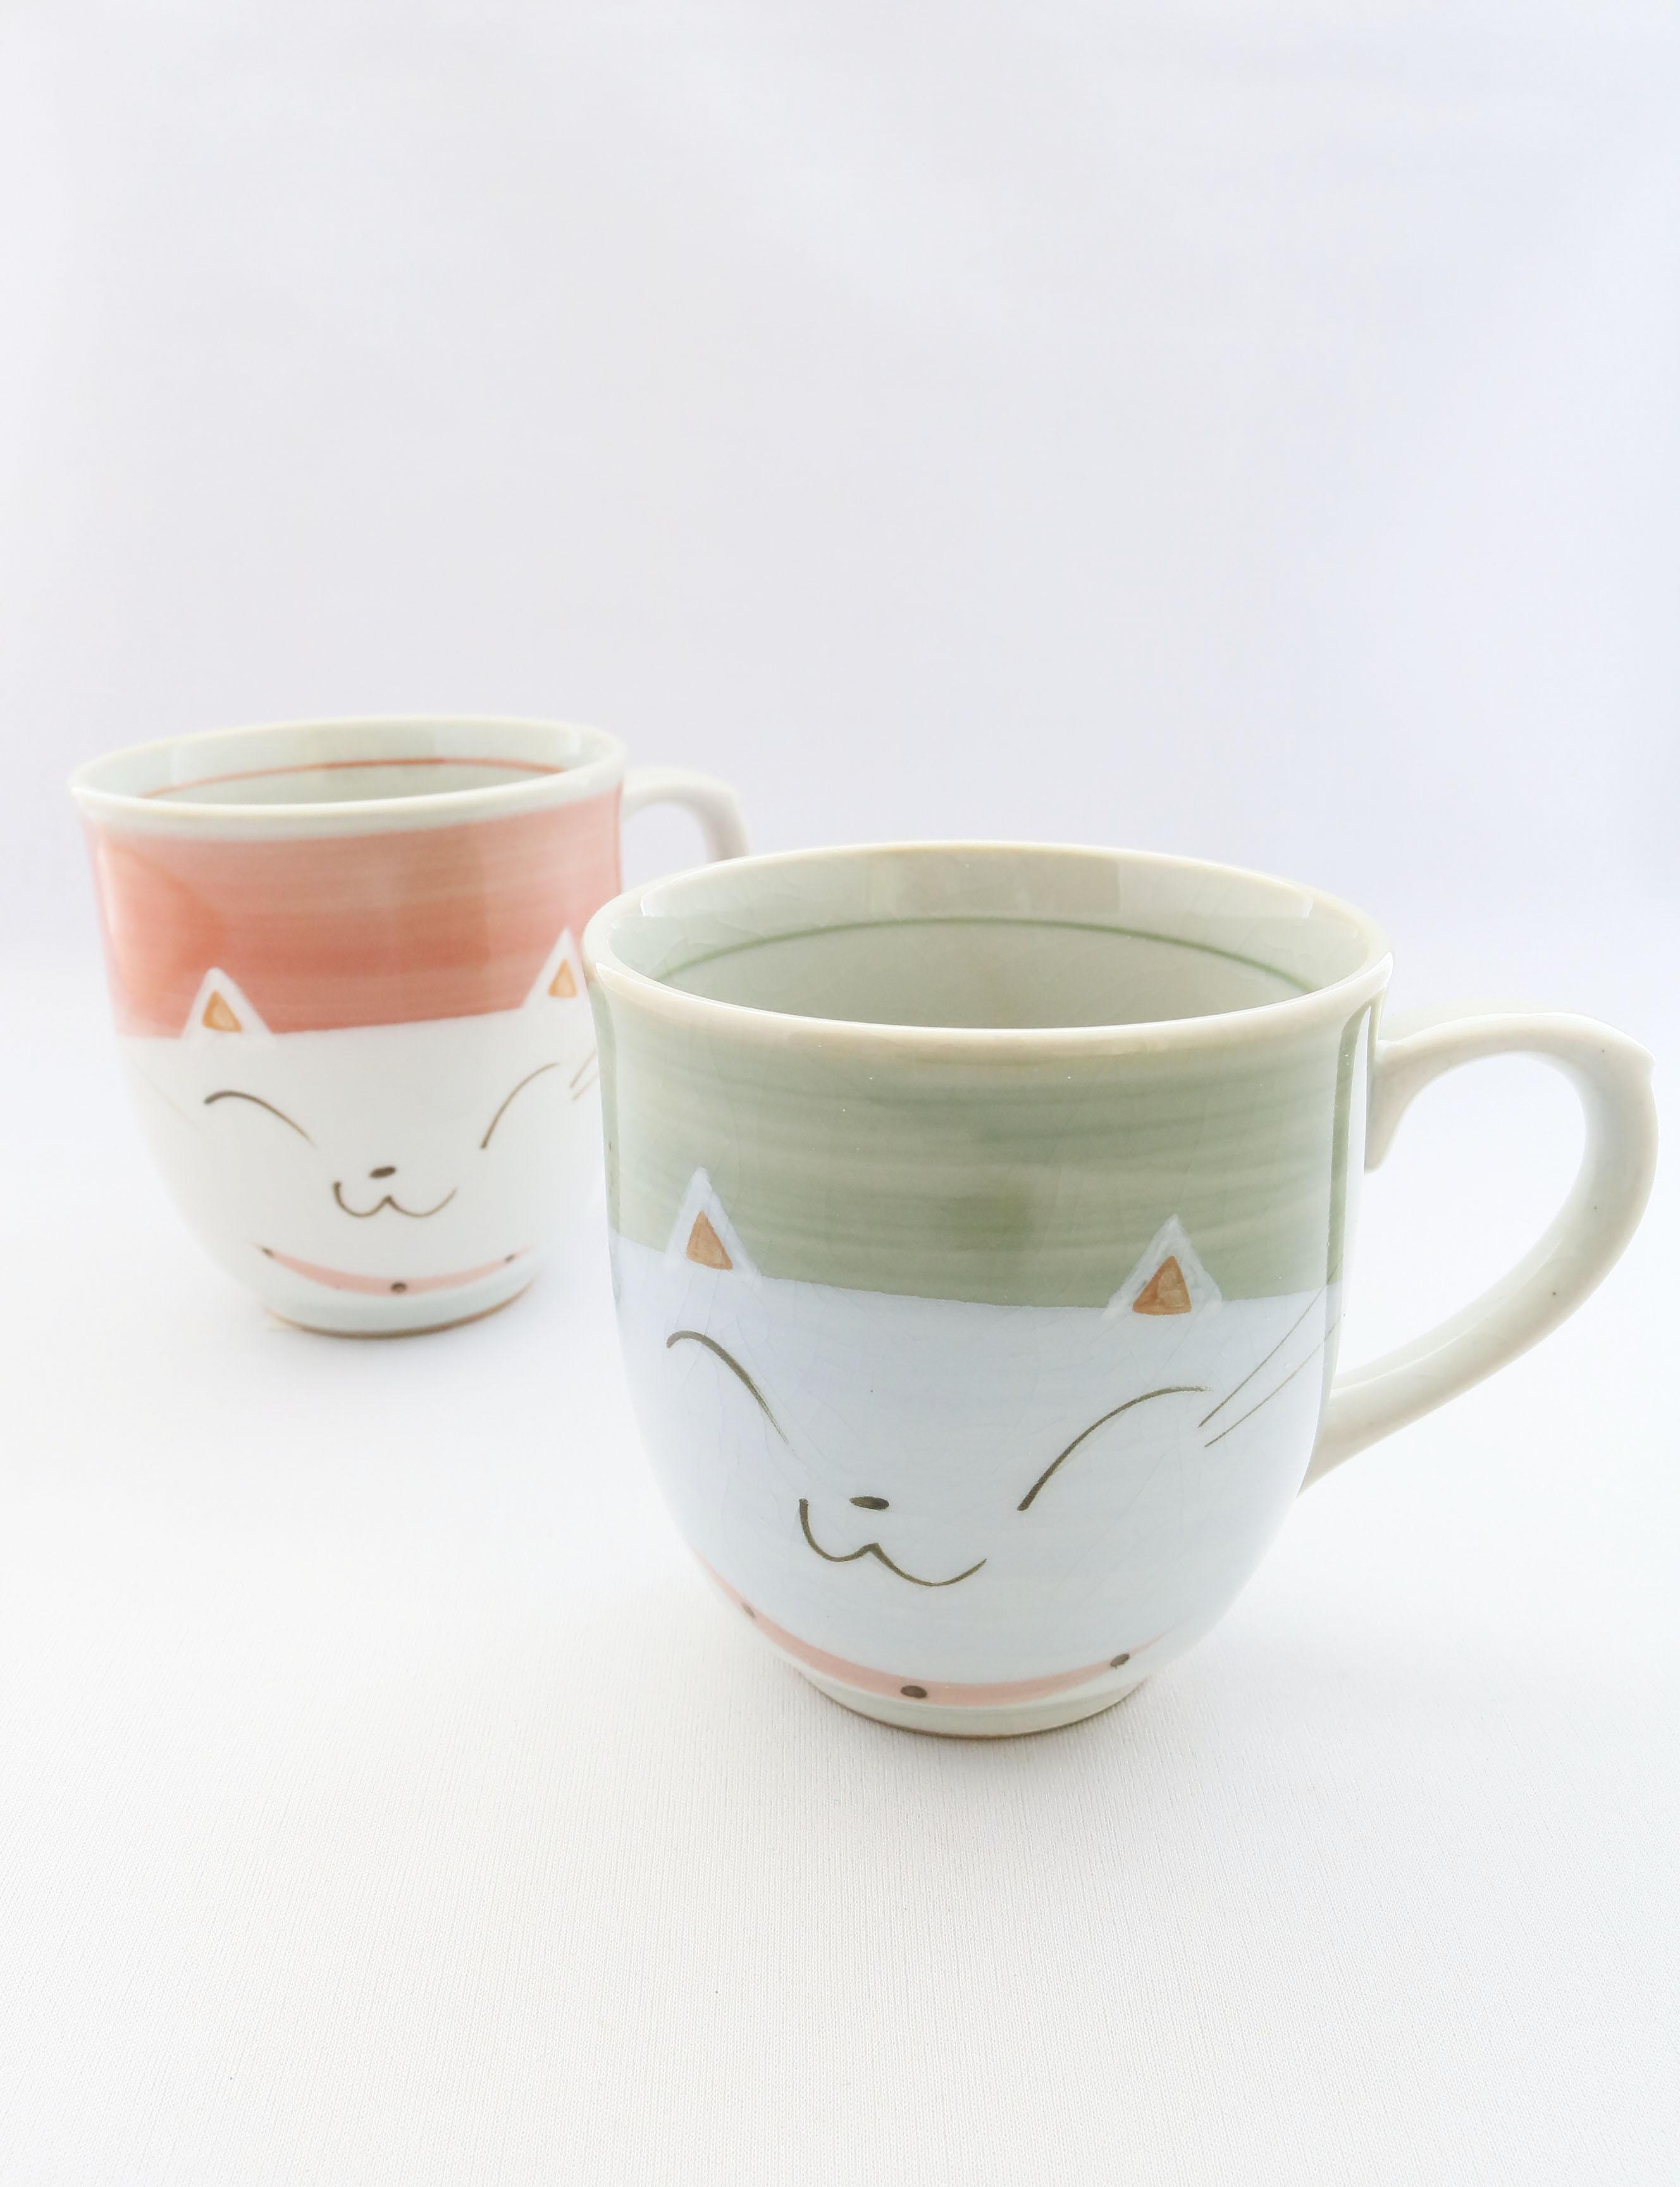 猫雑貨 猫グッズ カップ マグカップ 秋田 絵本 かぎしっぽ 猫絵本